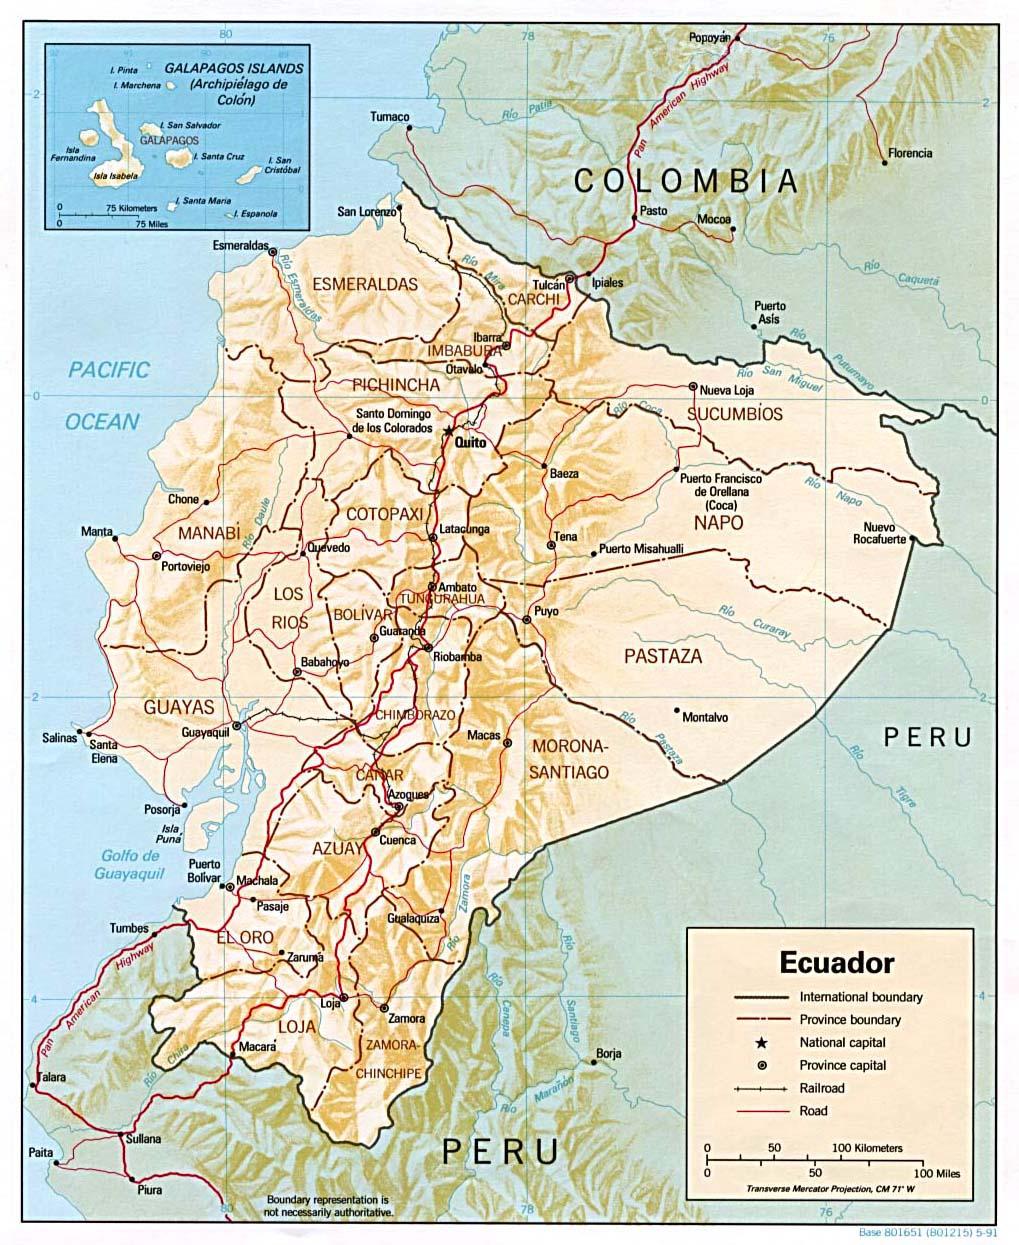 Map of Ecuador (Relief Map) : Weltkarte.com - Karten und ...